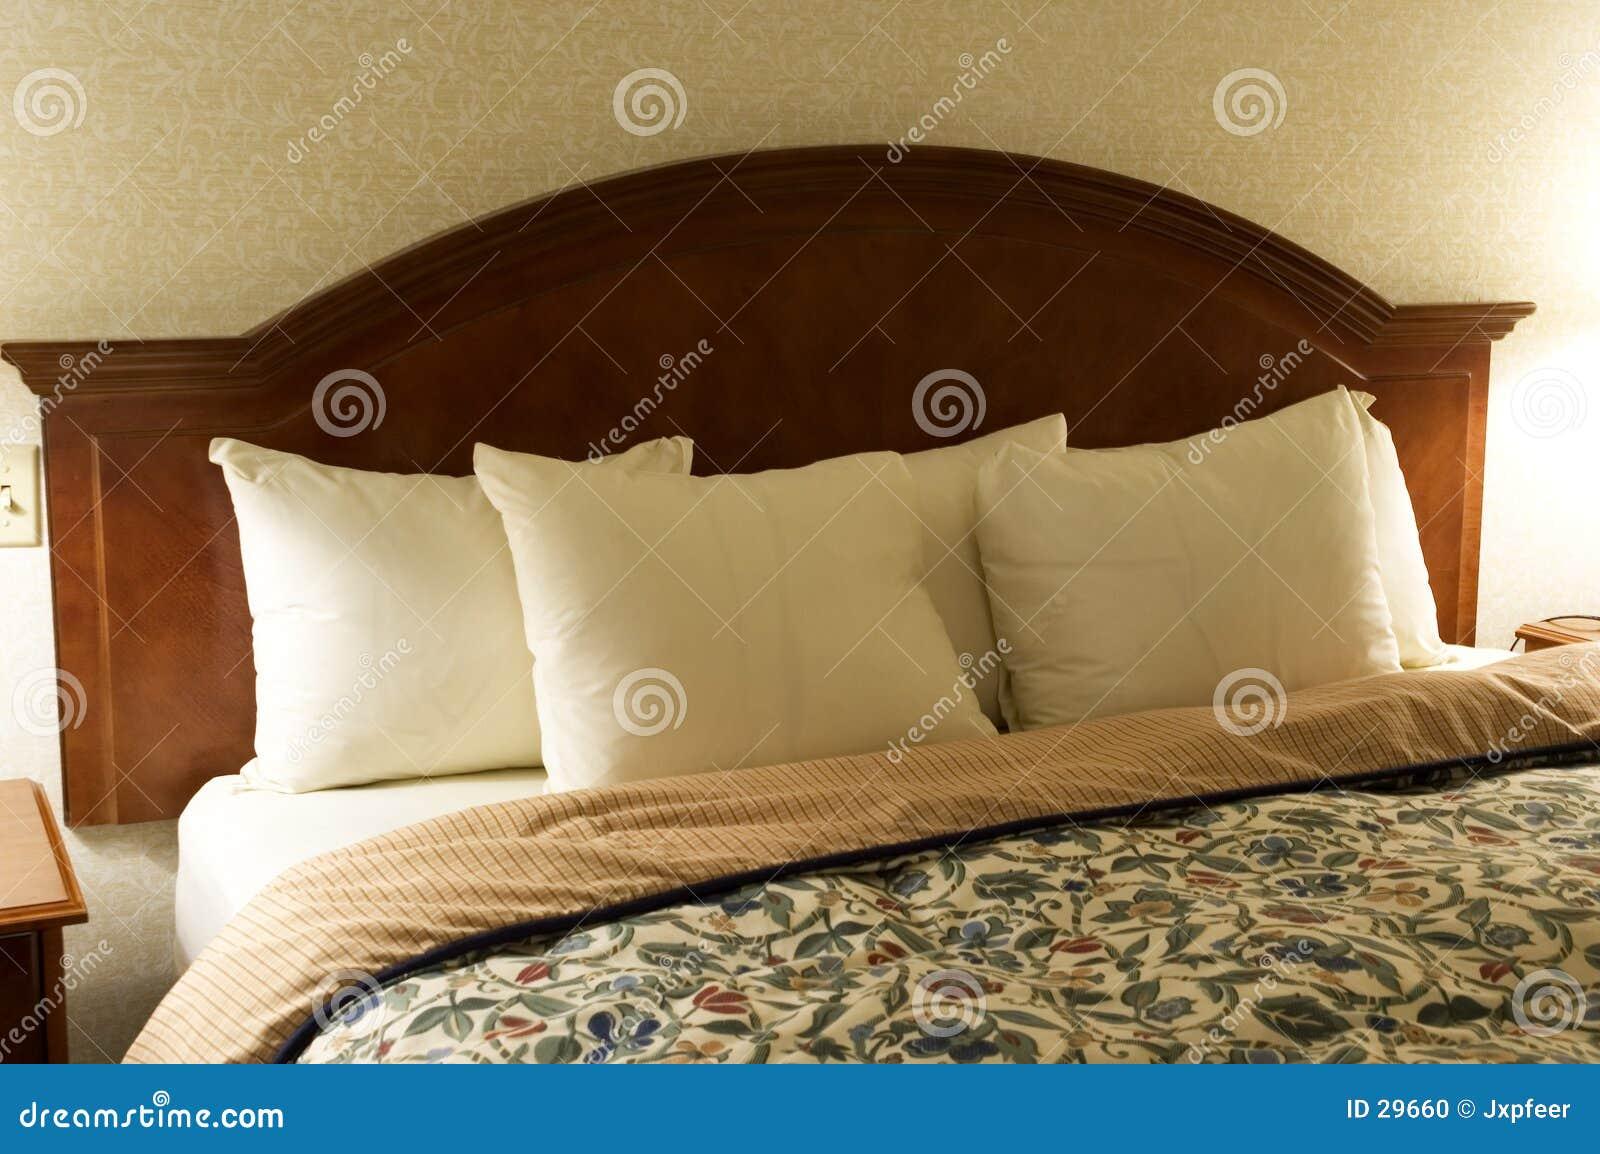 Download Cabecero de la cama foto de archivo. Imagen de hojas, objetos - 29660